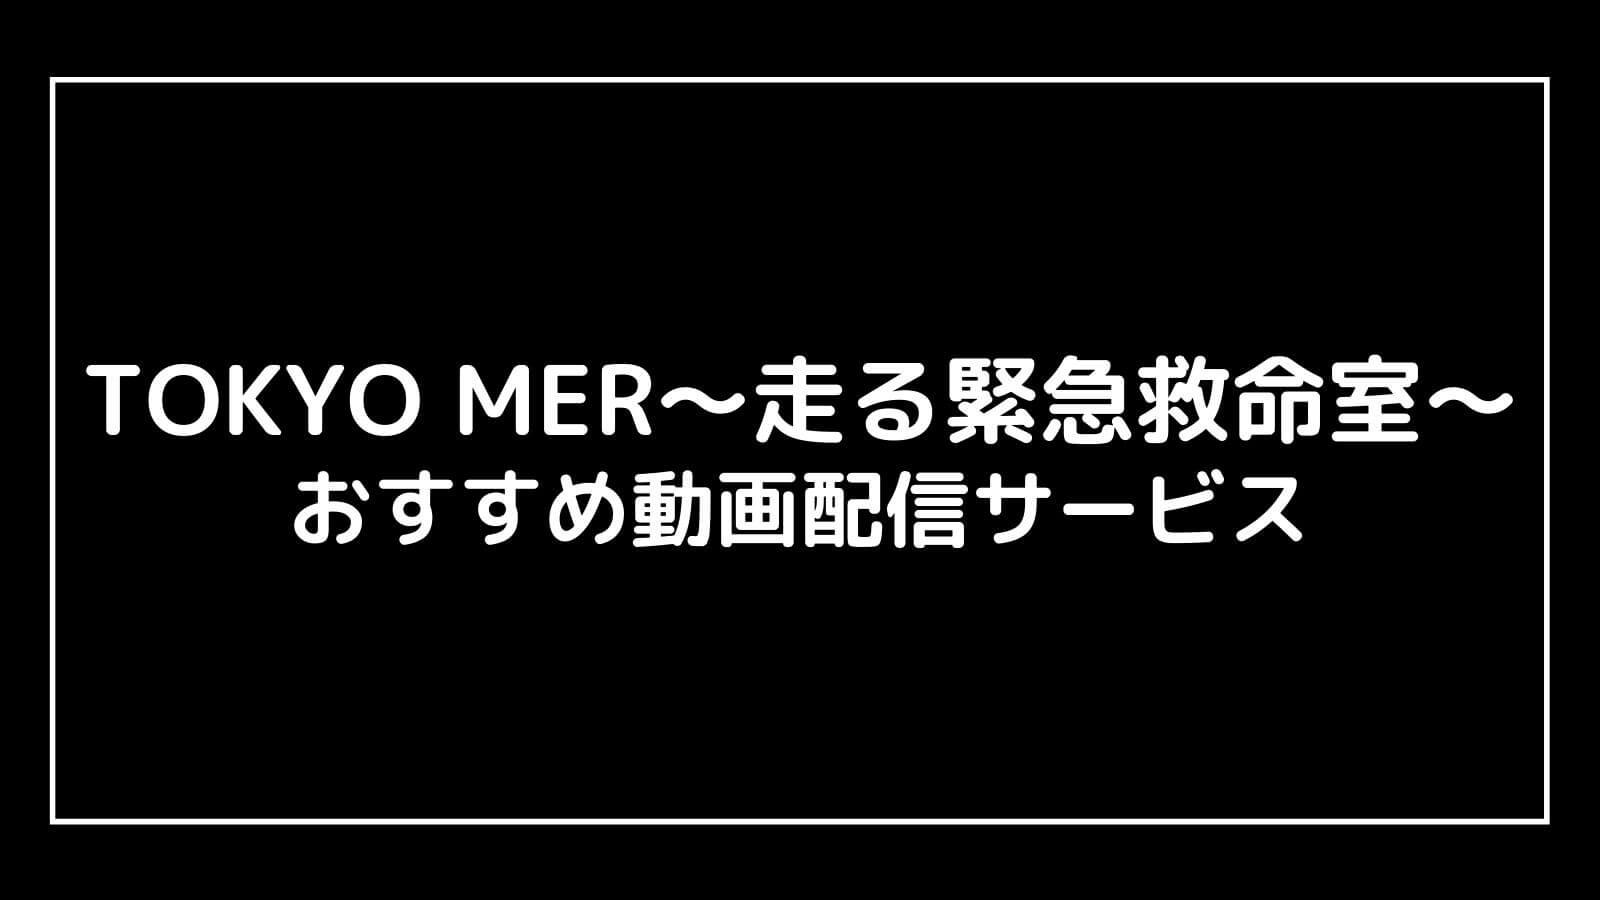 『TOKYO MER〜走る緊急救命室〜』見逃し配信を全話無料視聴できる動画配信サービス